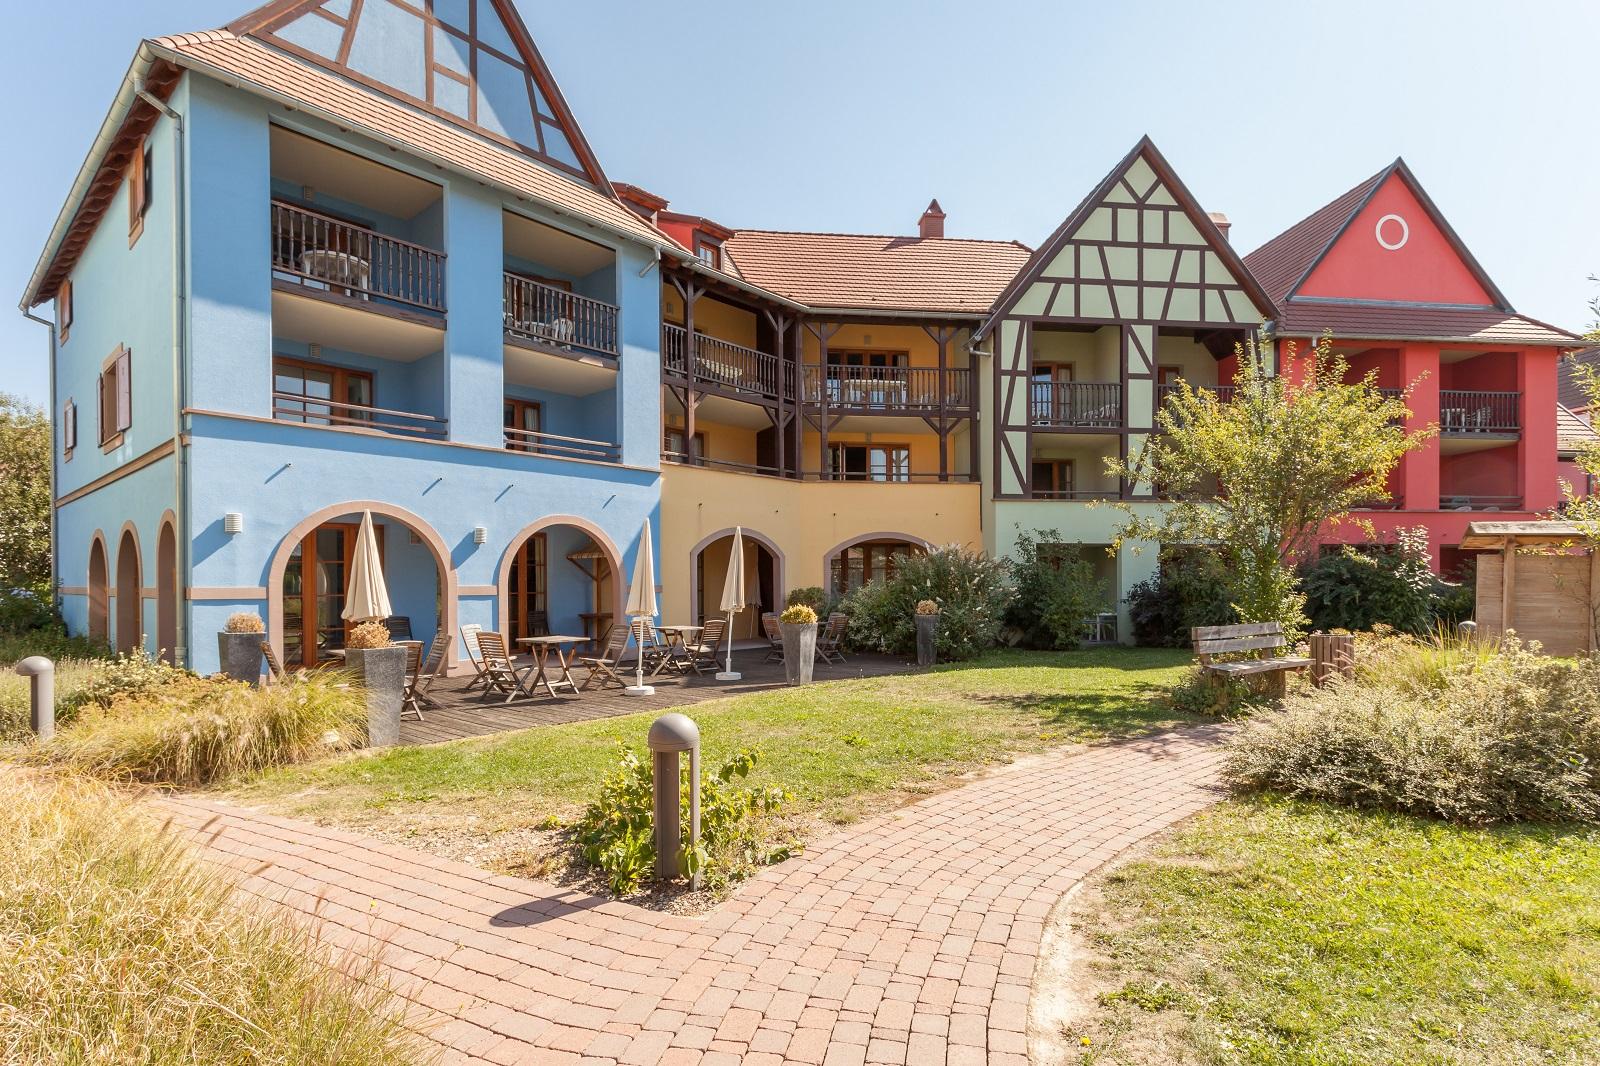 Office de tourisme de colmar en alsace le clos d 39 eguisheim r sidence pierre et vacances - Office de tourisme eguisheim ...